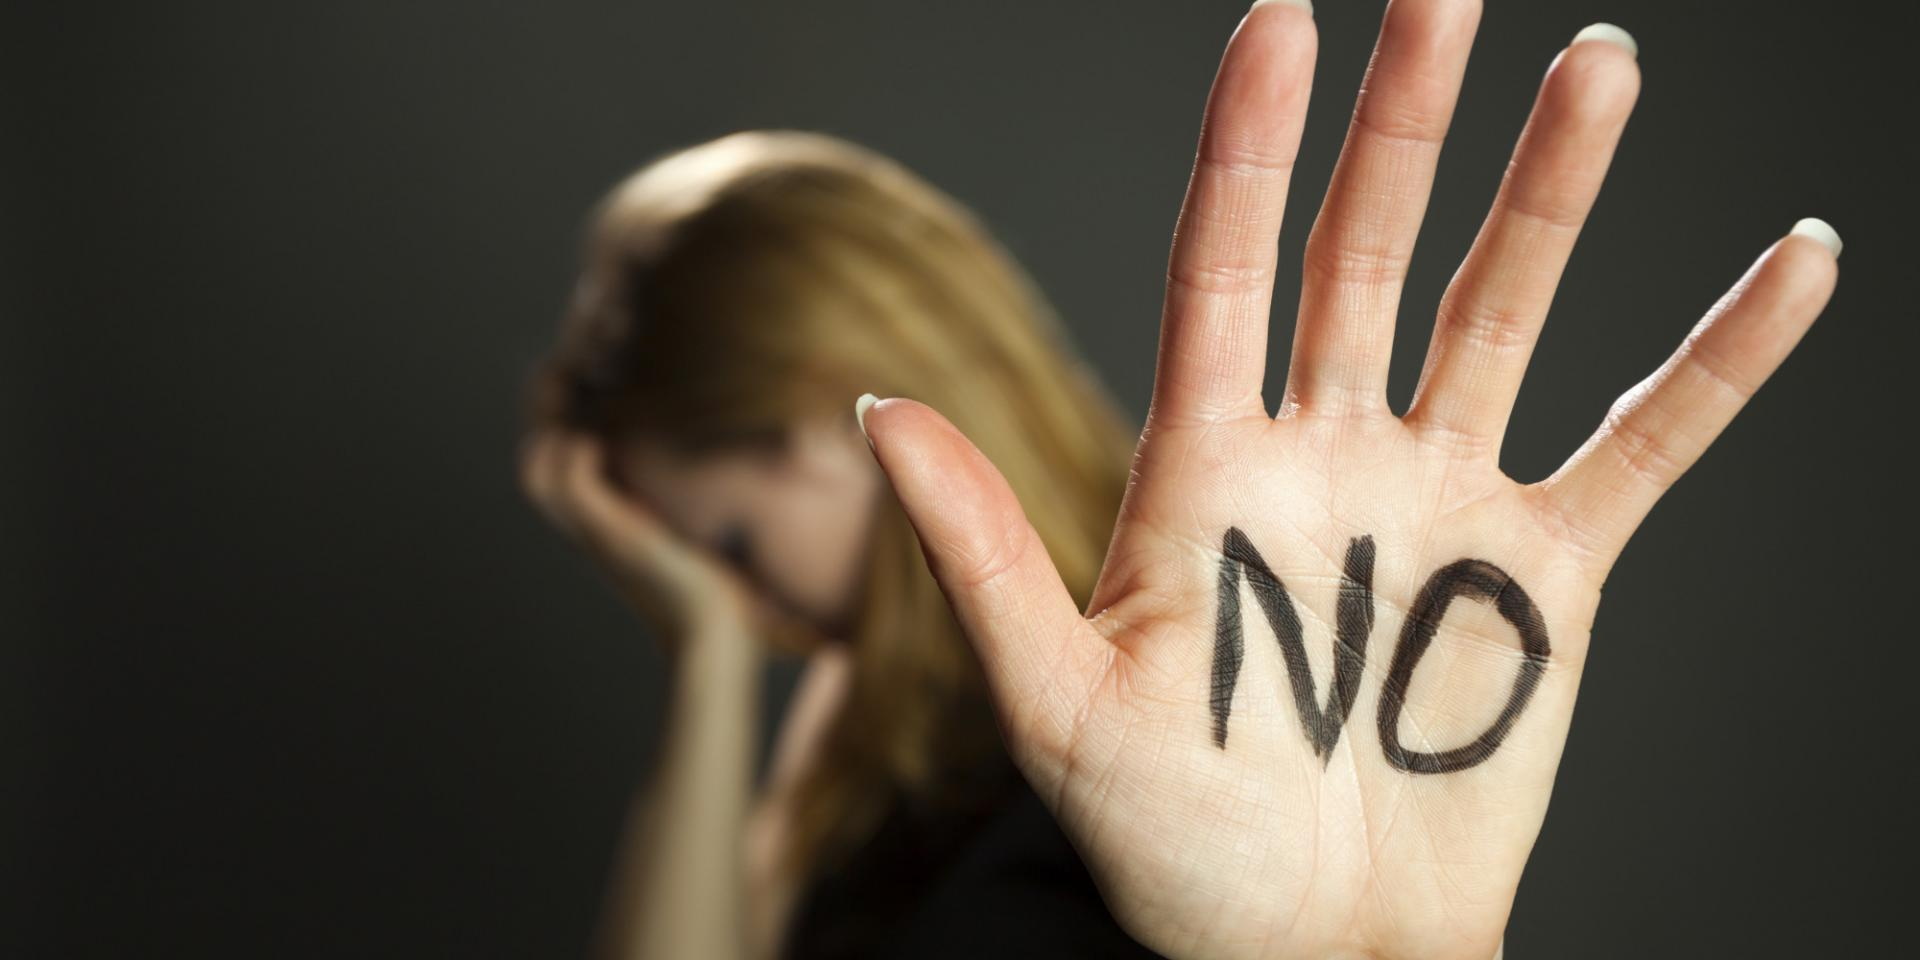 جمعيات ومنظمات وإتحادات عربية تتفاعل لدرء خطر العنف ضد النساء